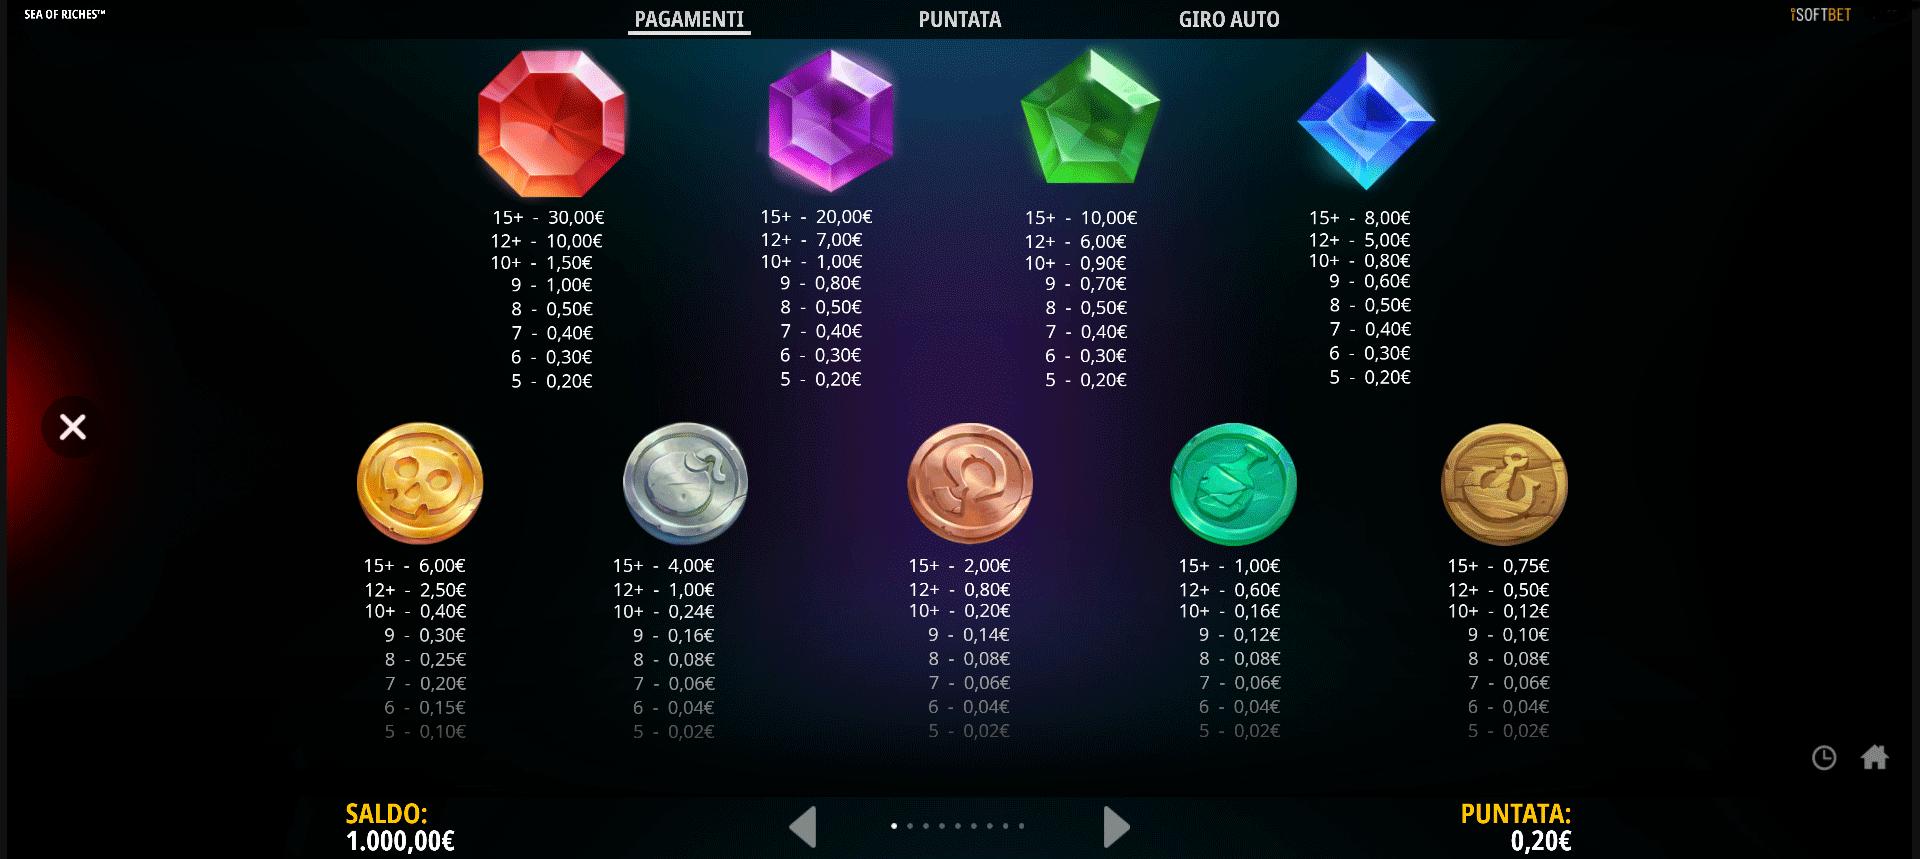 tabella delle vincite della slot online sea of riches